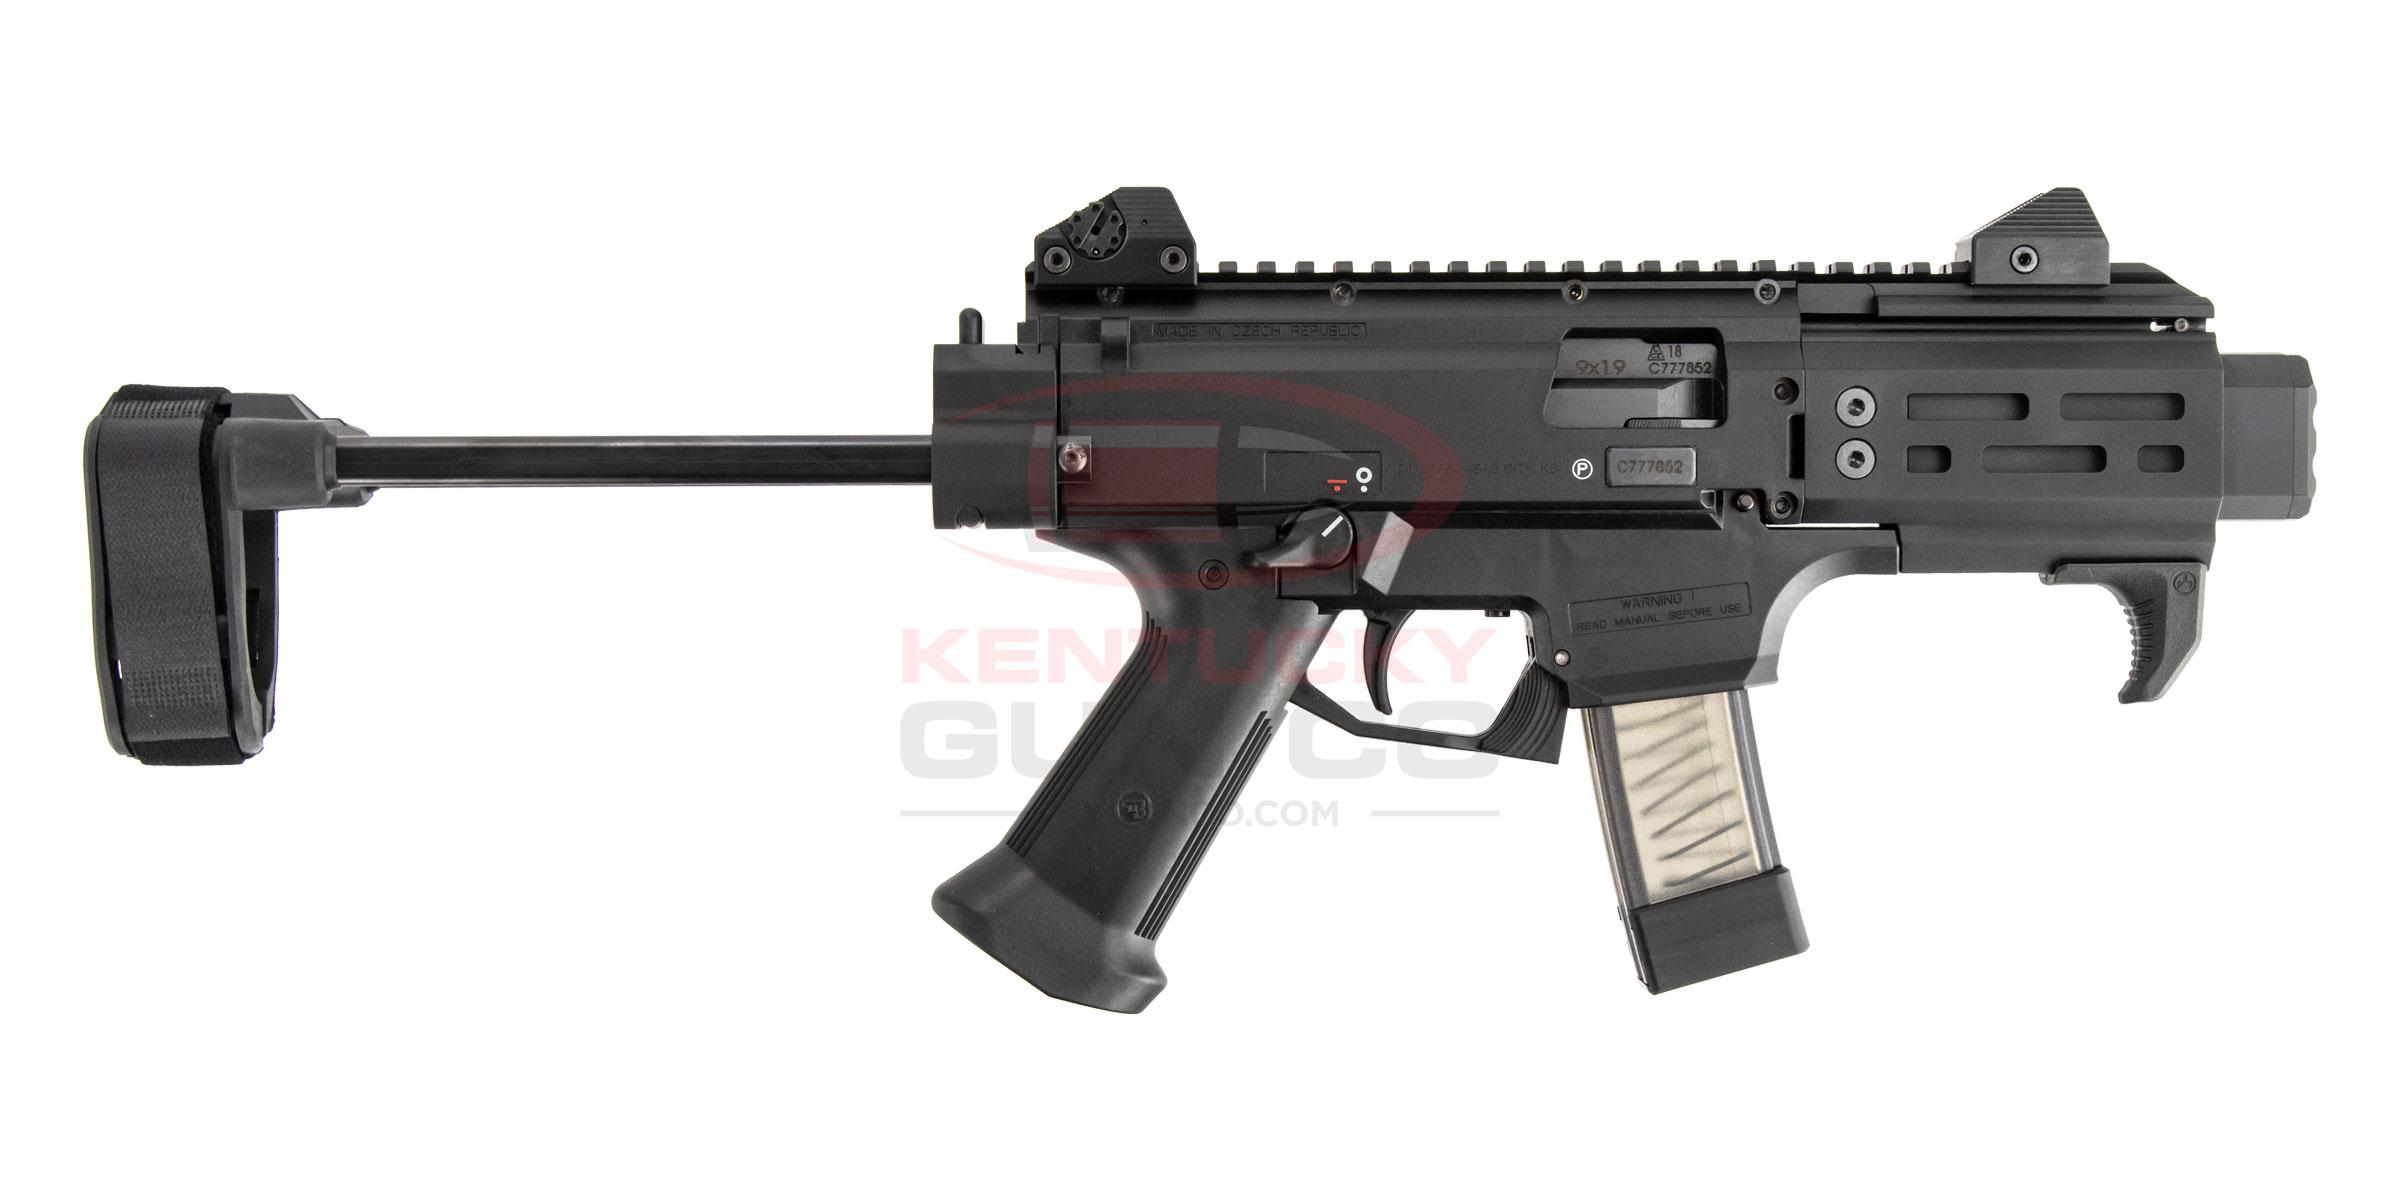 CZ SCORPION EVO 3 S2 PISTOL MICRO W/ BRACE - $1059 99 (Free S/H on Firearms)